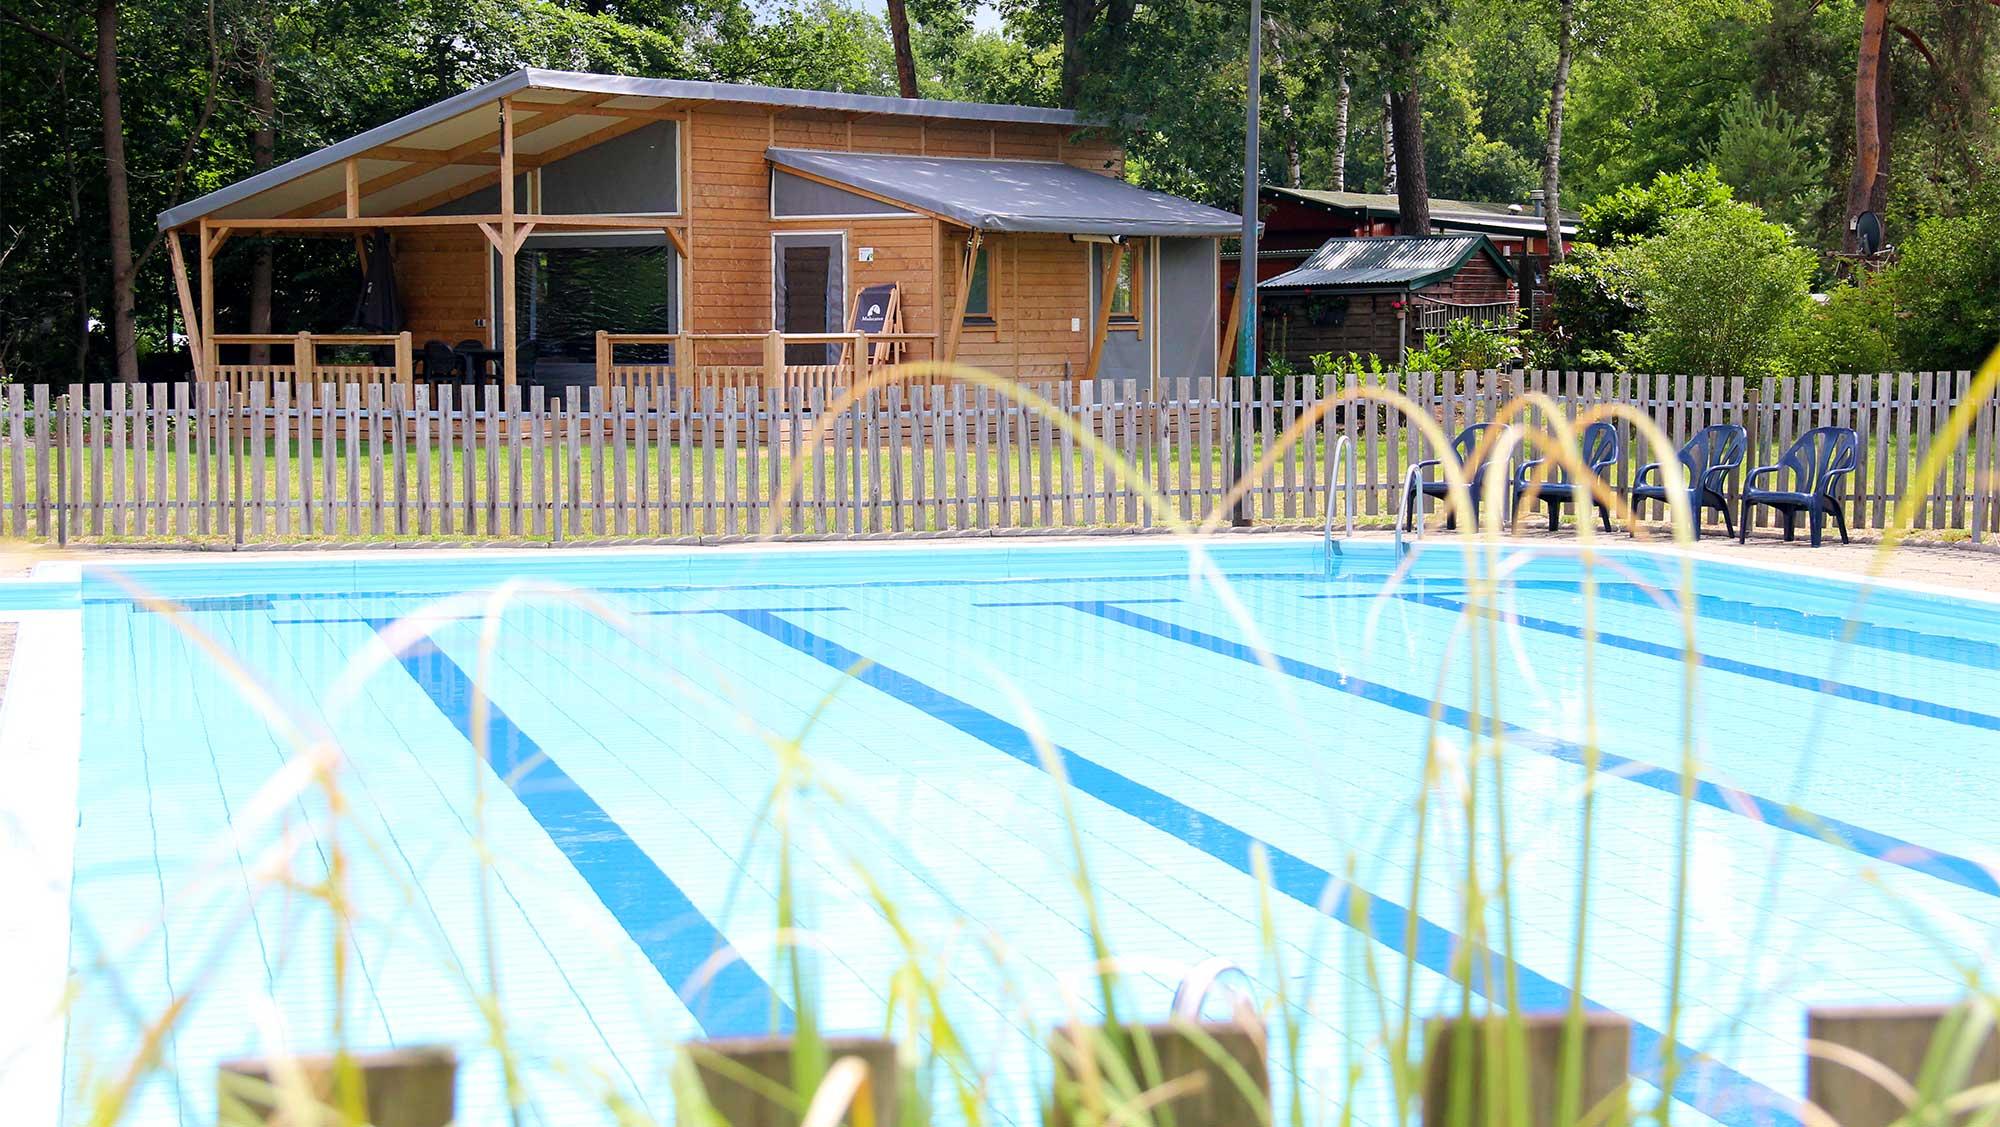 6 pers bungalow Kwikstaart Molecaten Park De Koerberg exterieur 1